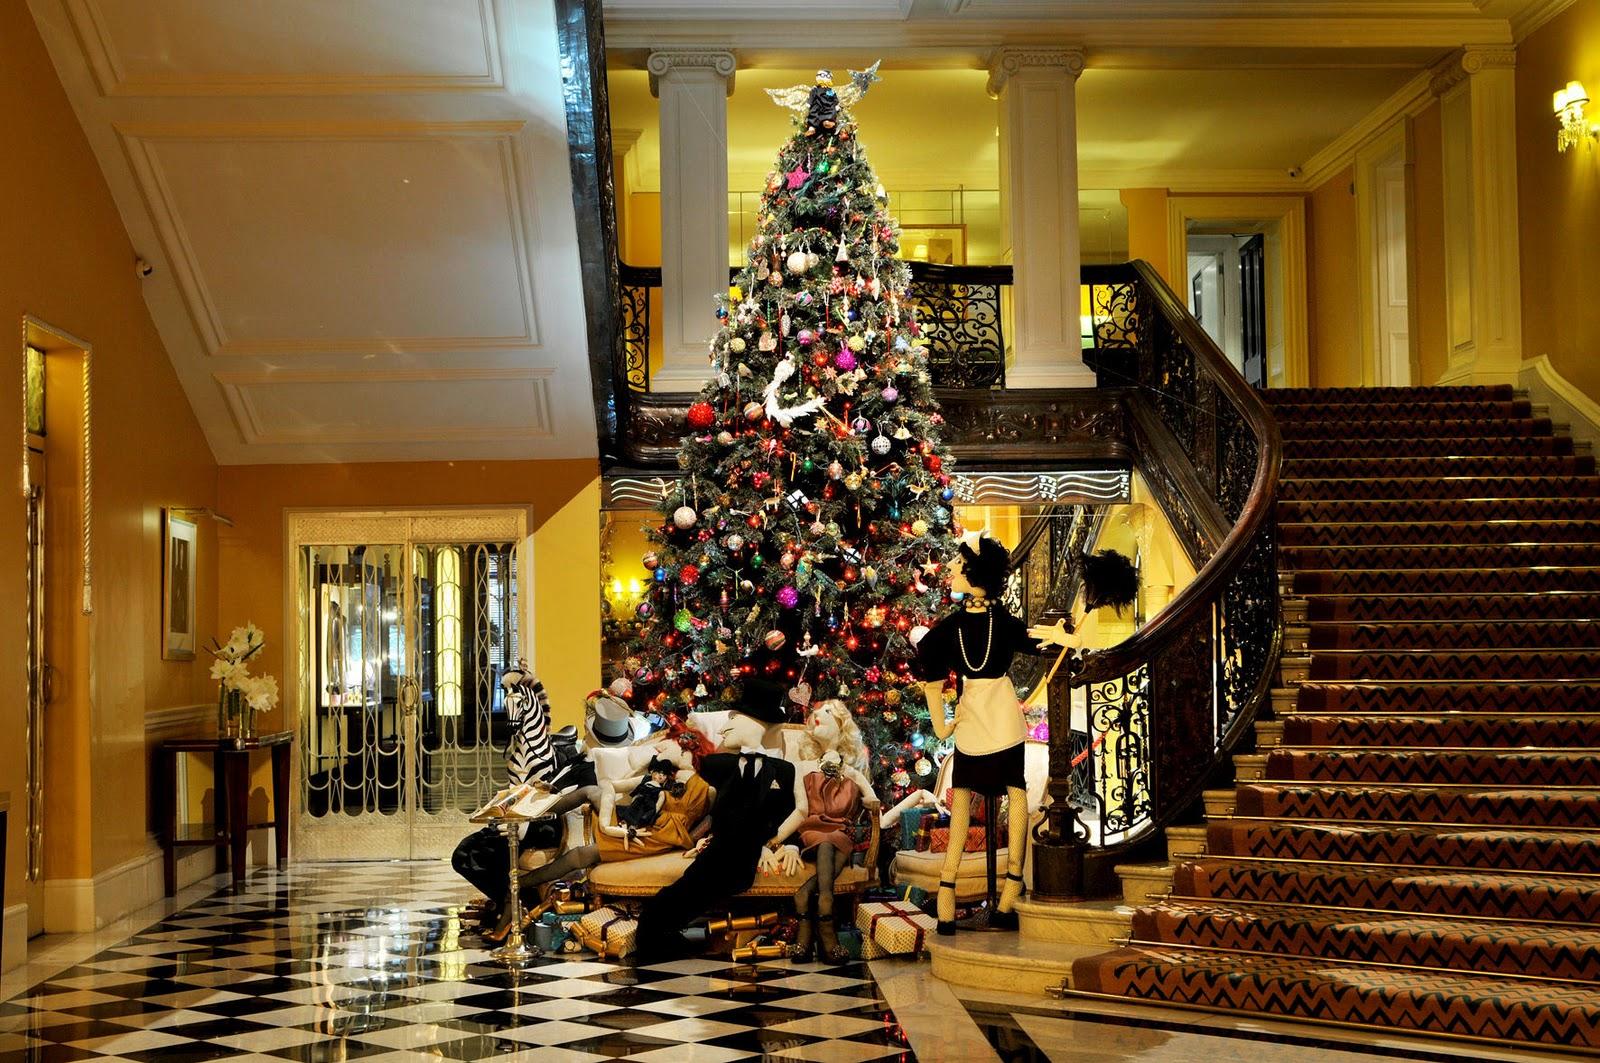 Examiner lanvin and mary katrantzou design london christmas trees